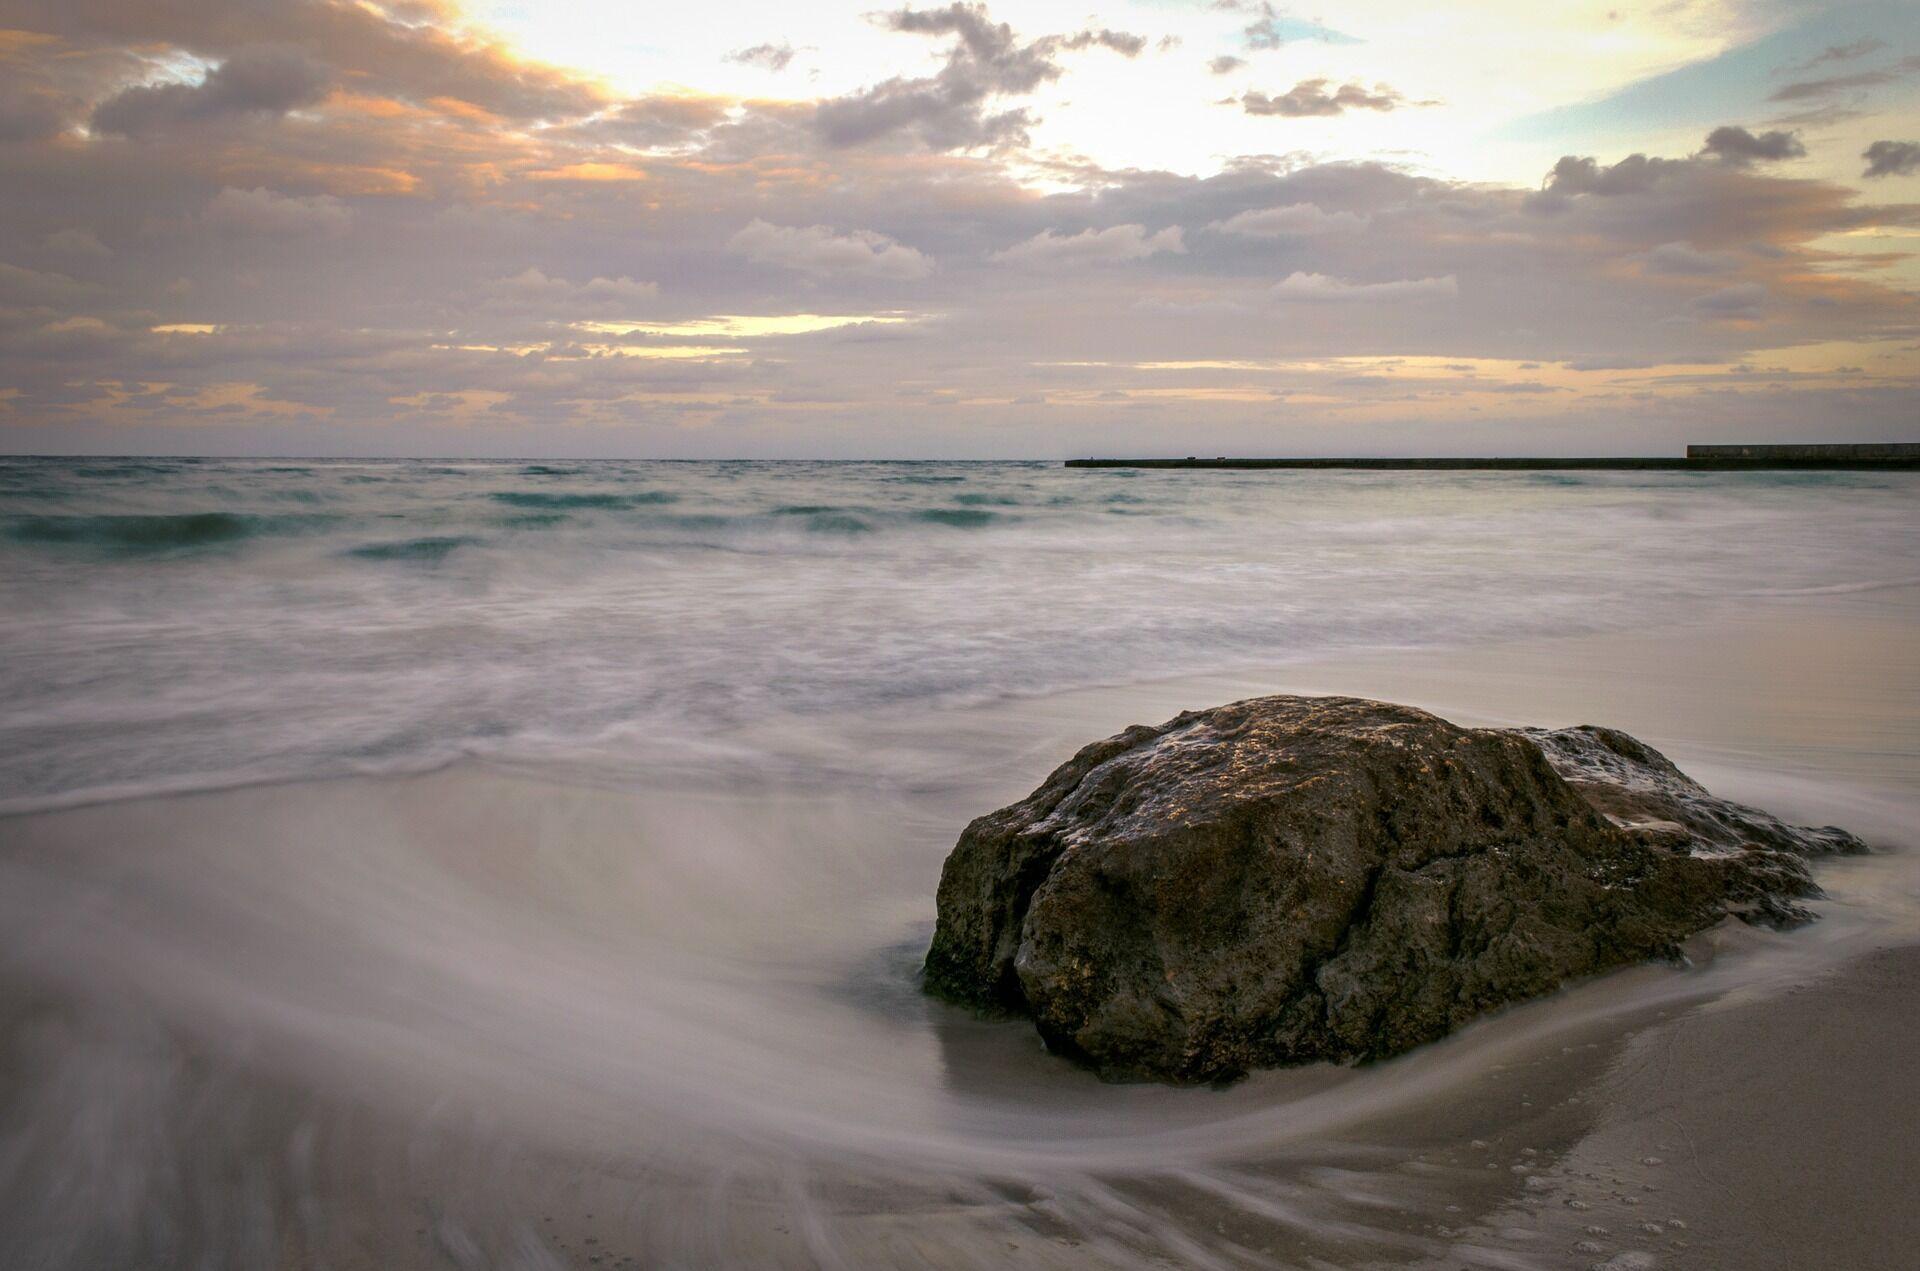 Украинцам в Железном Порту нравятся широкие песчаные пляжи и пологий заход в море.